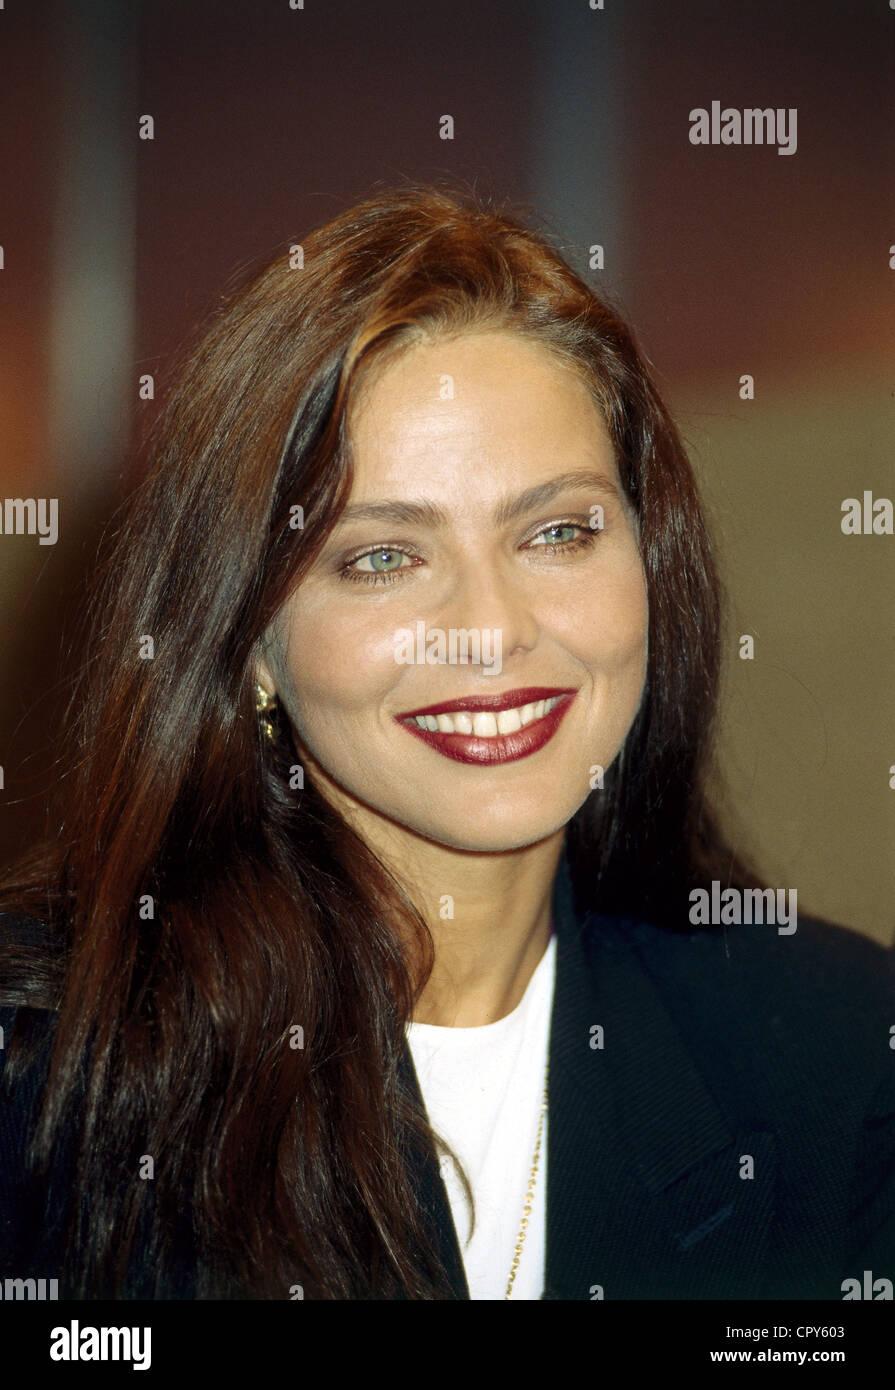 Ornella Muti (born 1955) Ornella Muti (born 1955) new picture